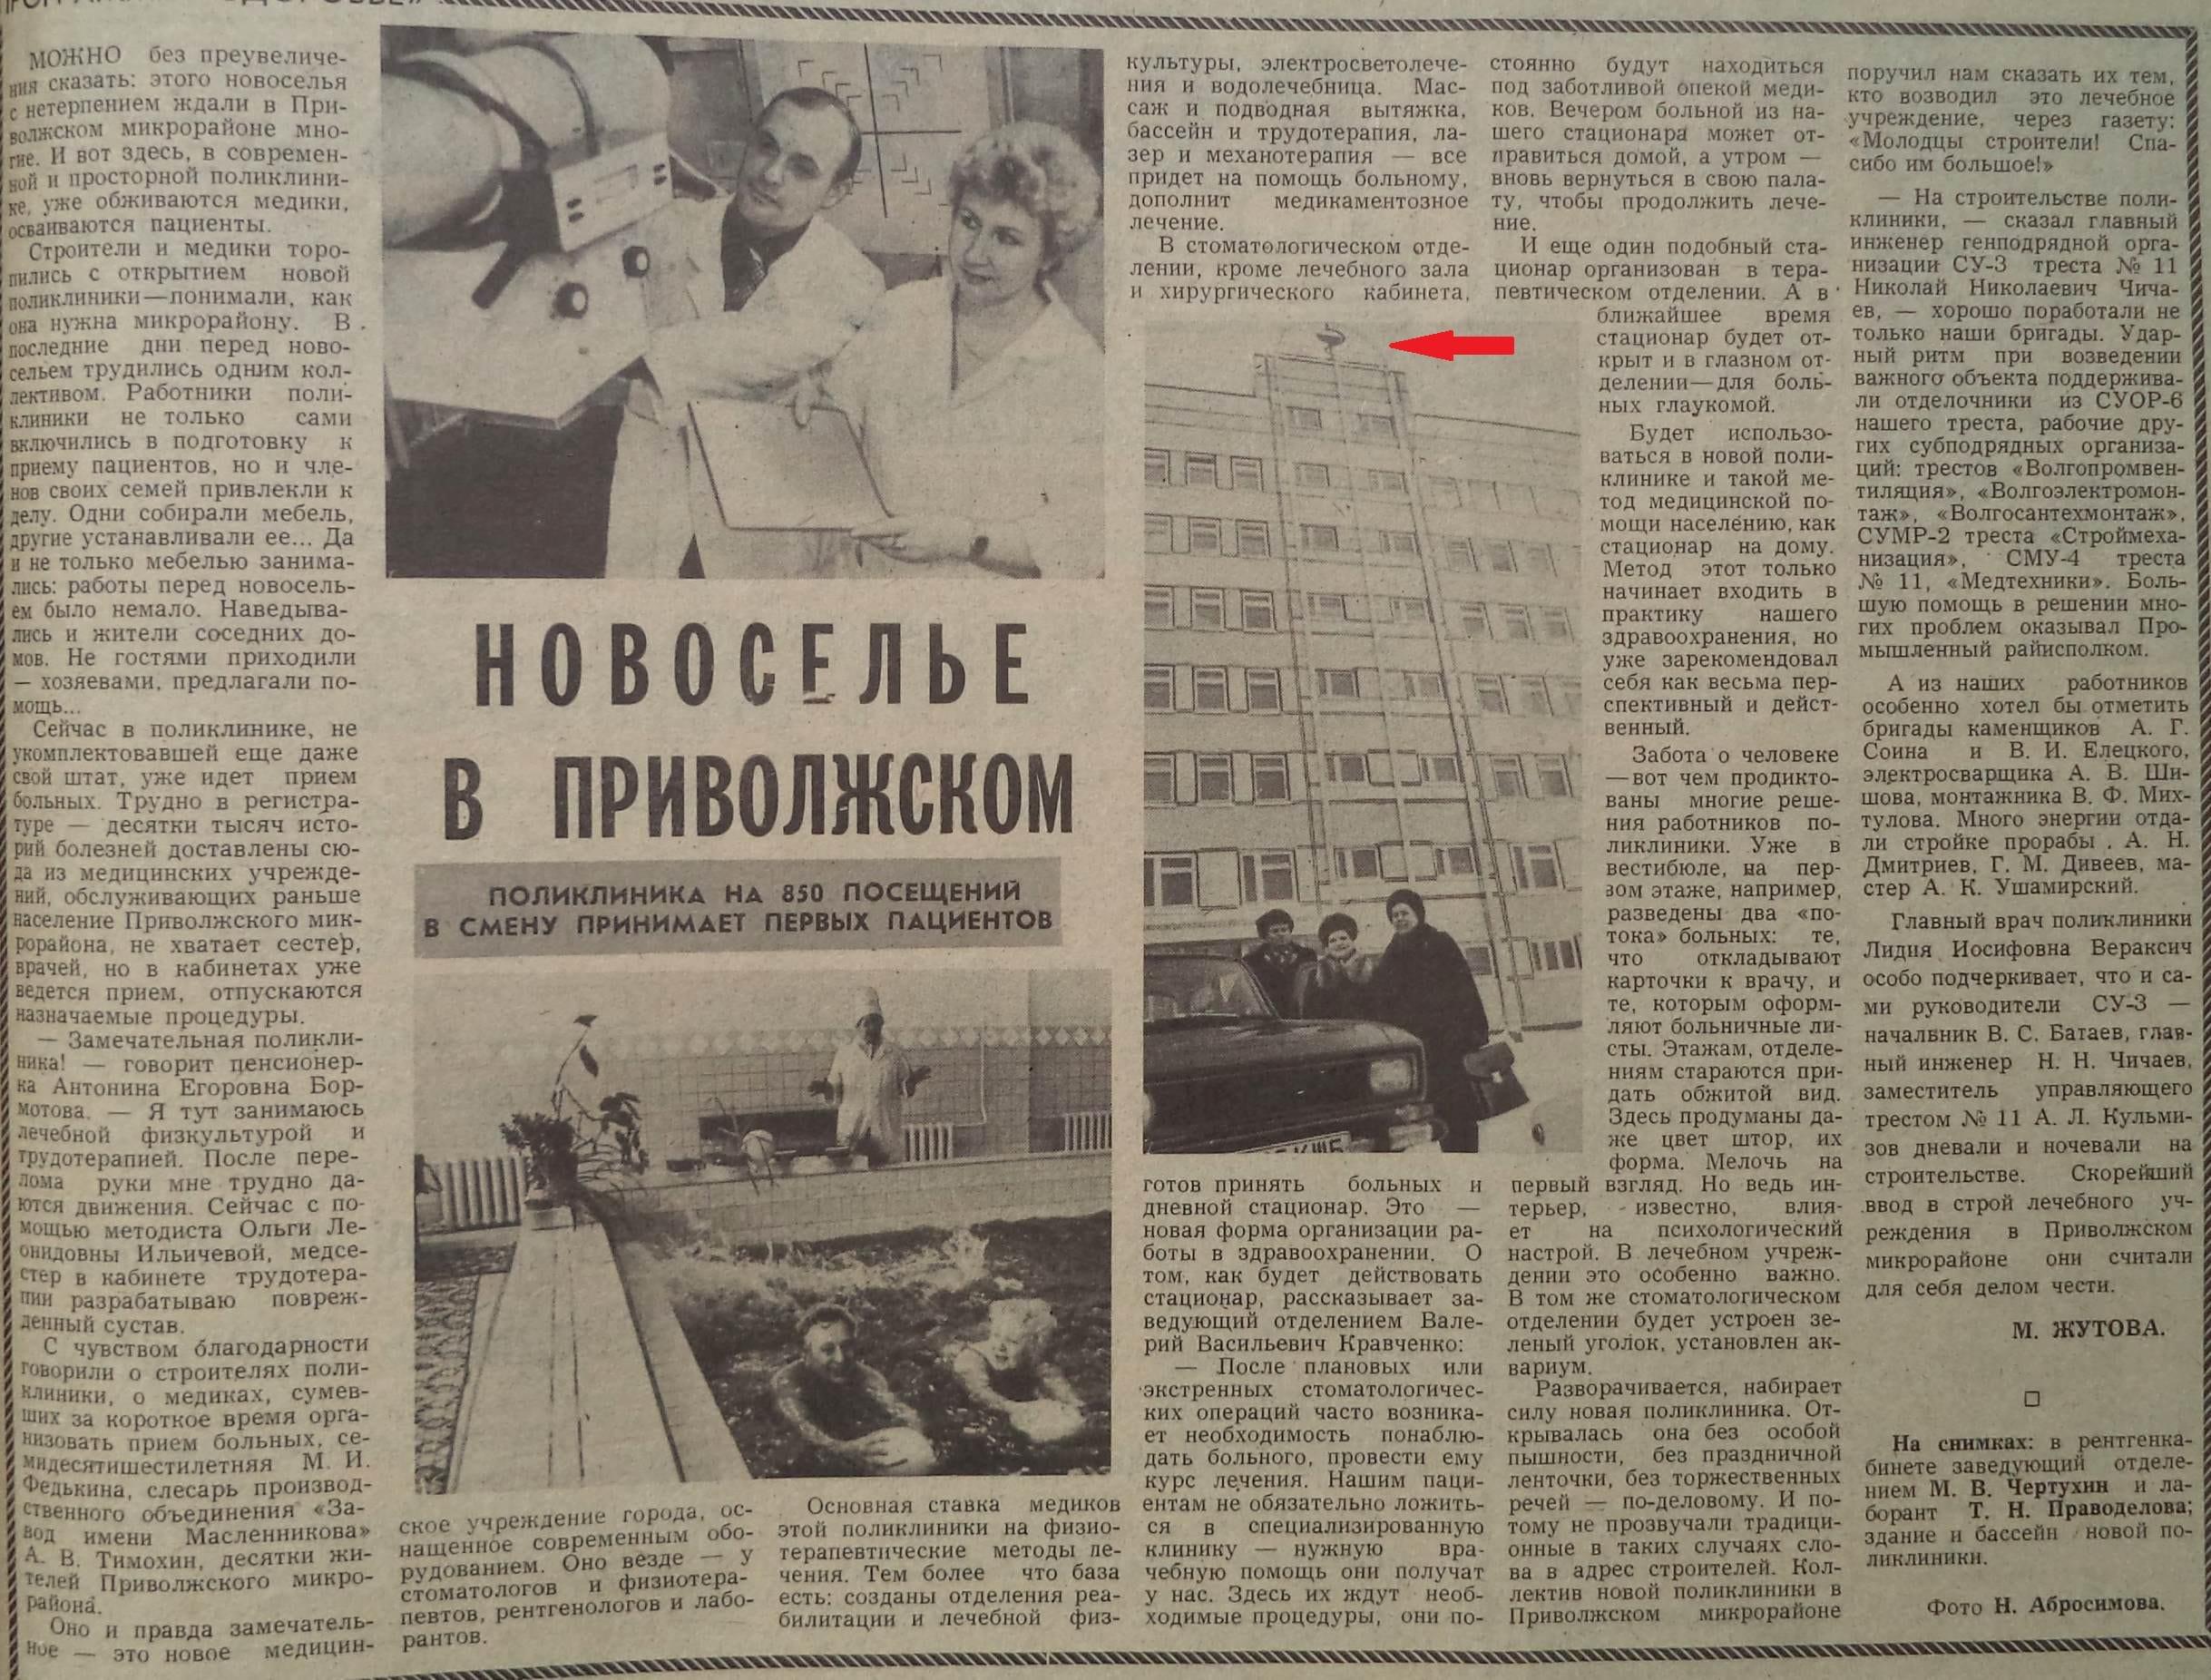 Тополей-ФОТО-11-ВЗя-1987-02-20-новая поликл. в Приволж. мкр